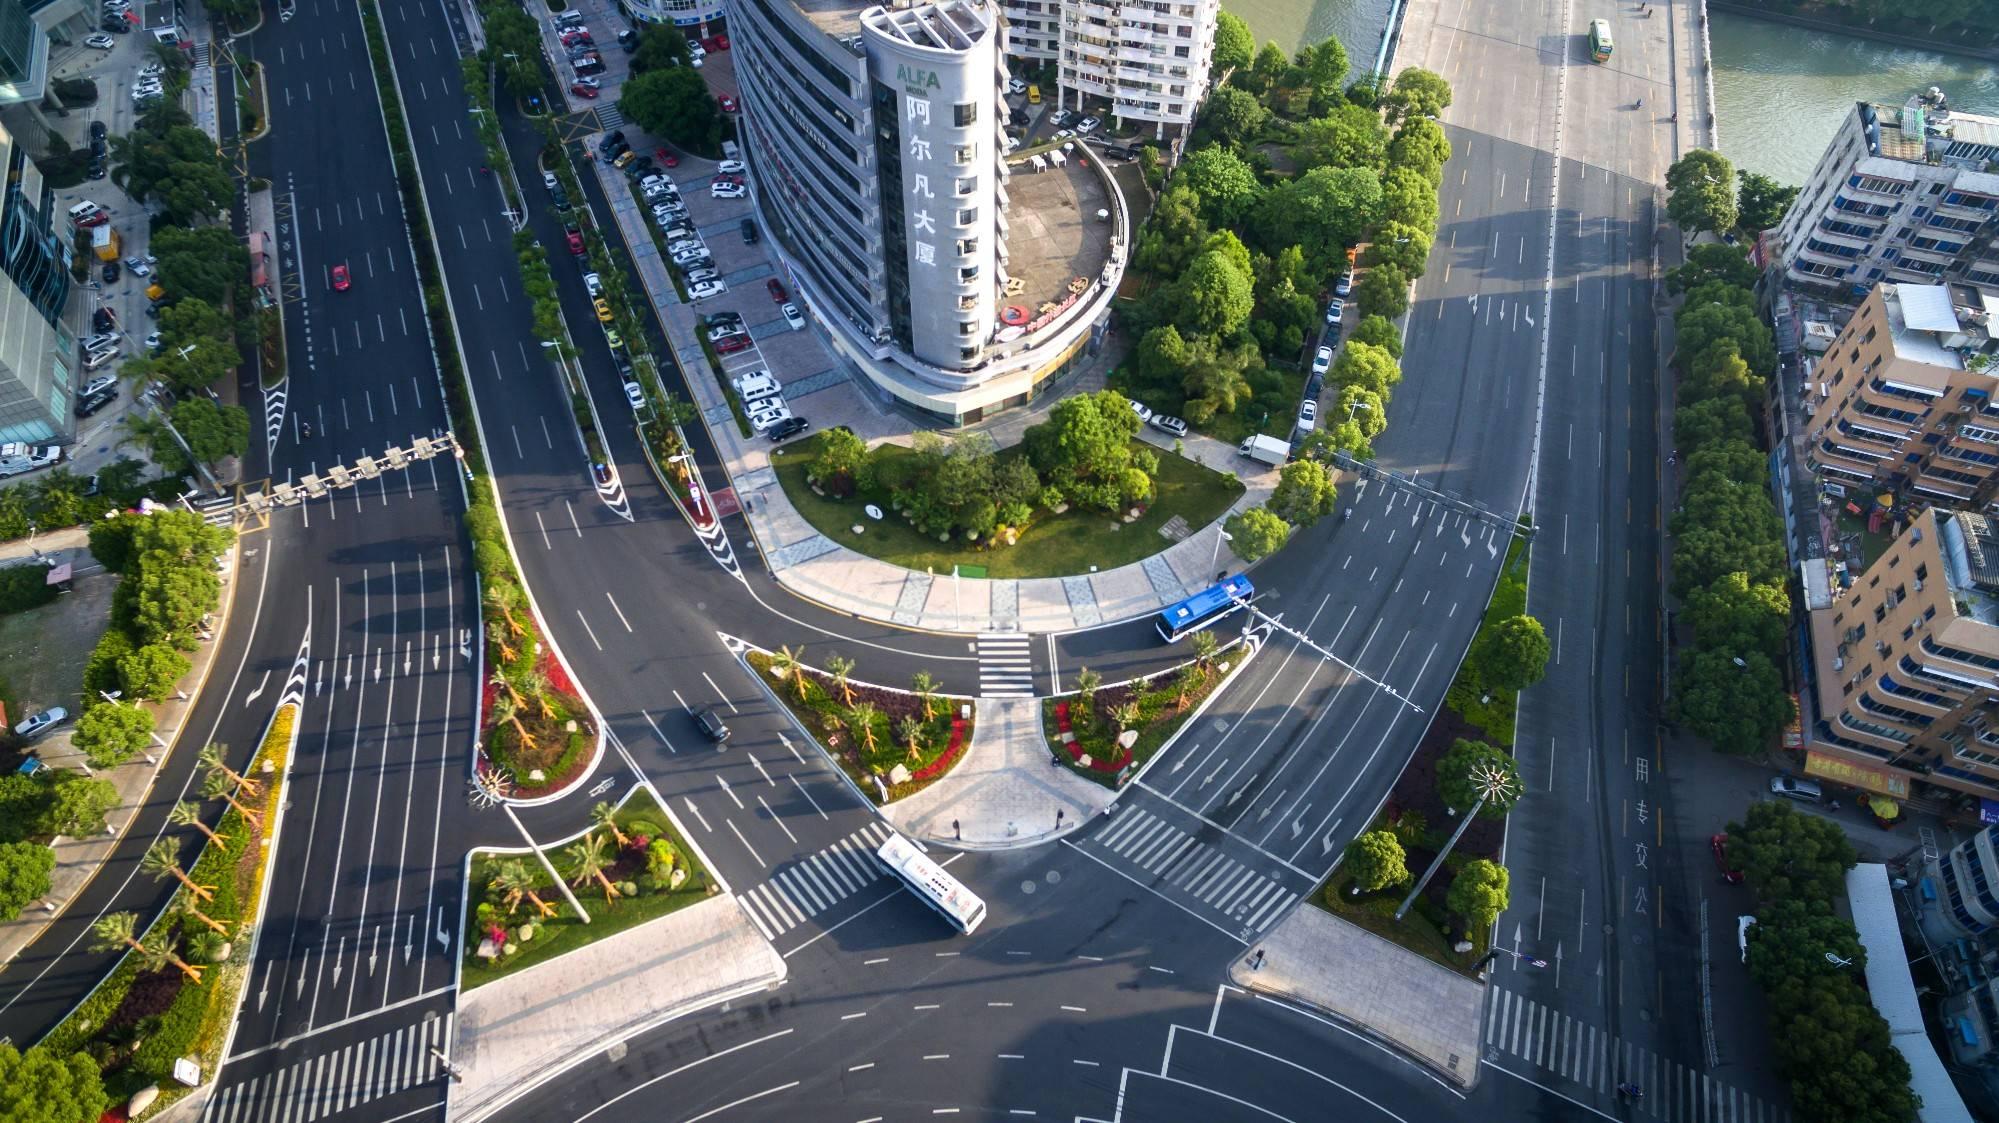 温州市鹿城区新城大道(府东路 -汤家桥路)综合整治工程